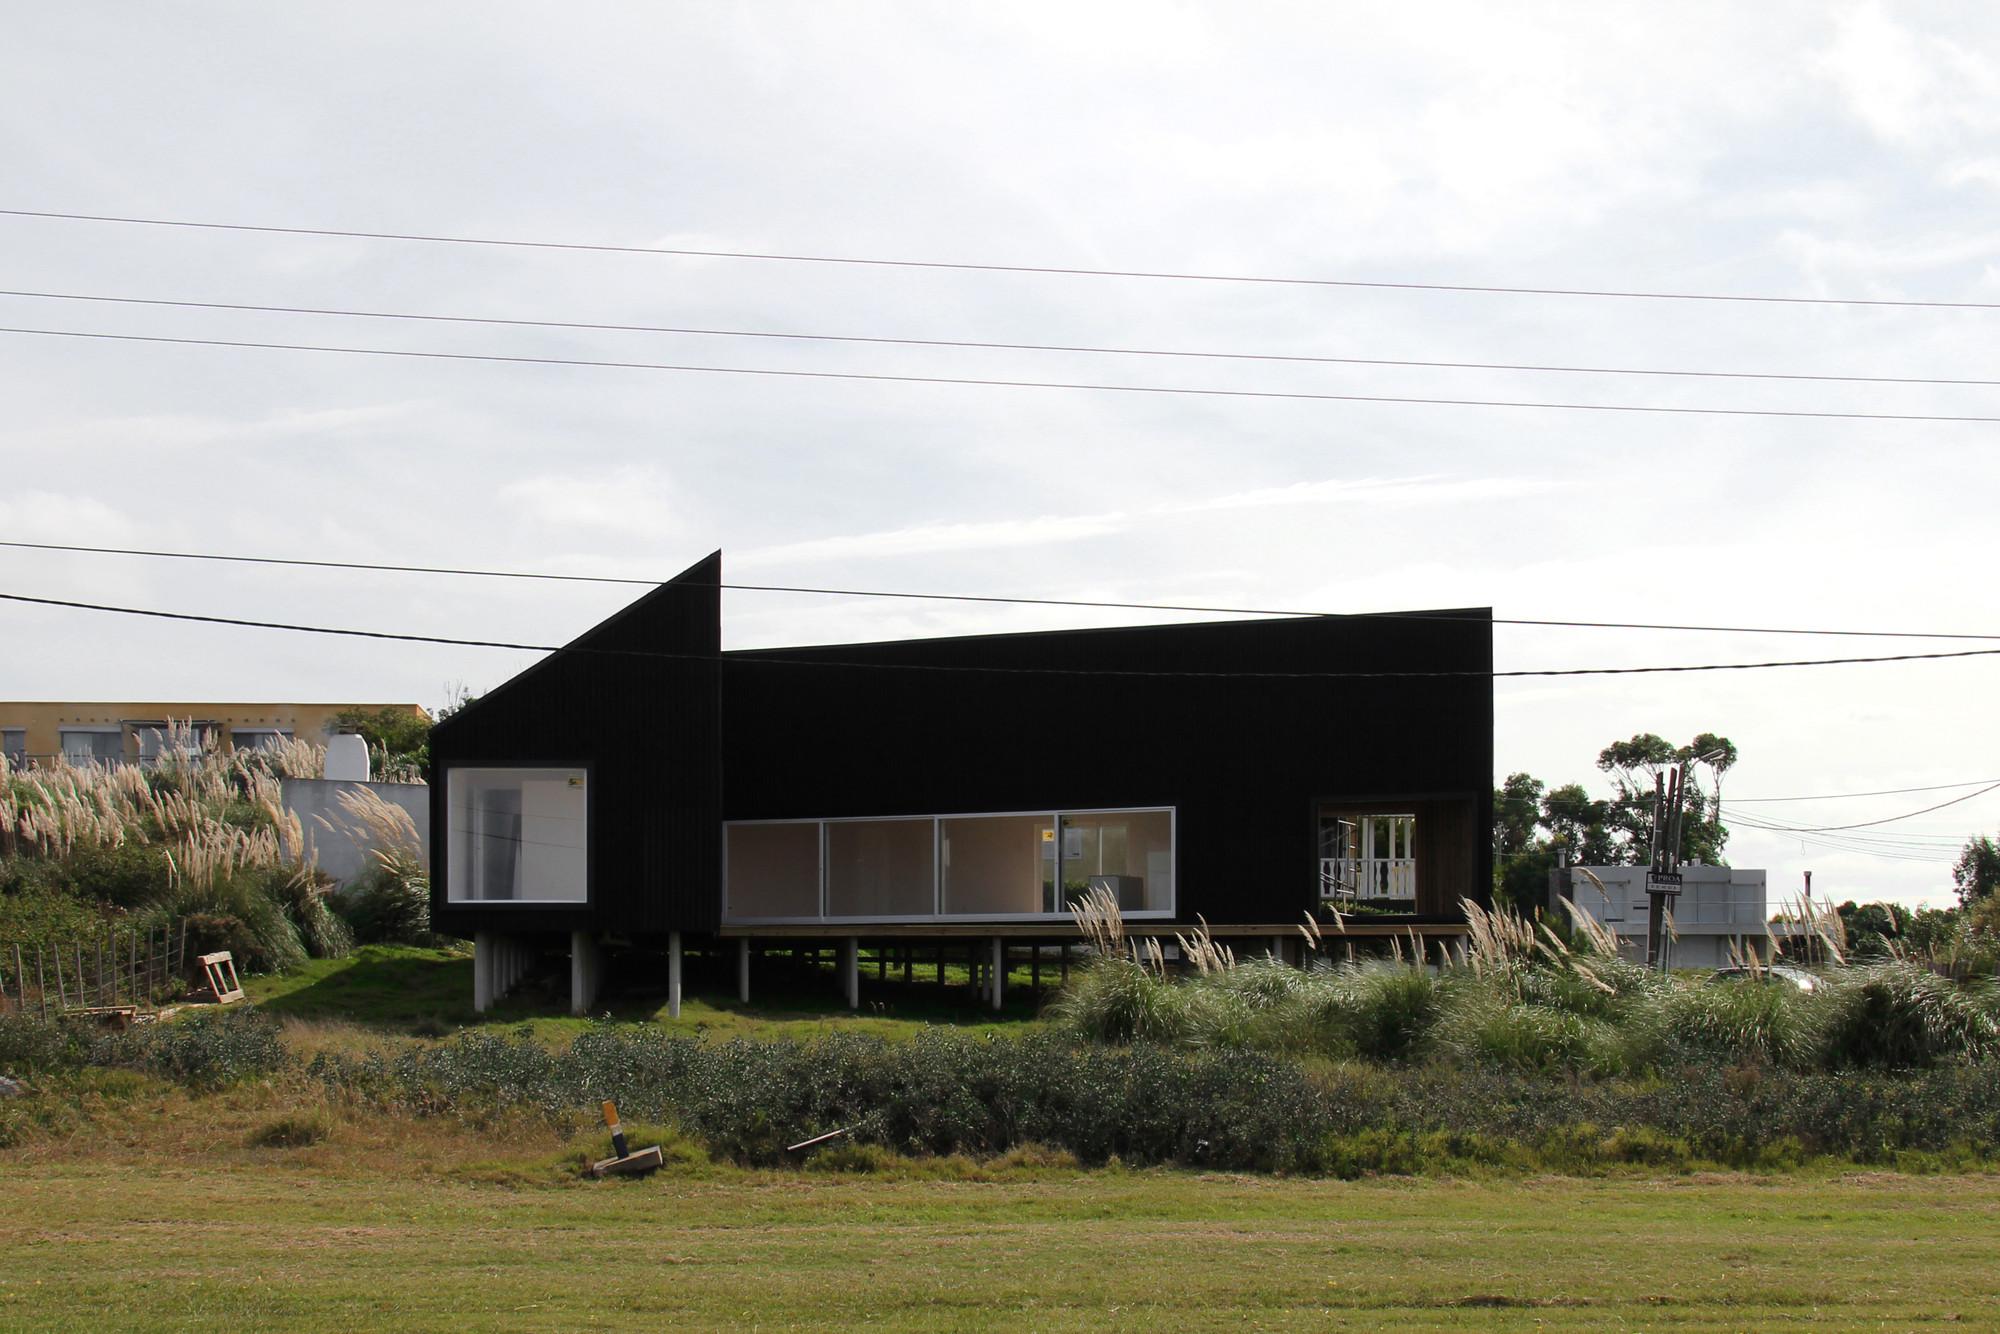 Casa en Manantiales, Manantiales, Uruguay 2011-2012.. Image © Gustavo Frittegotto